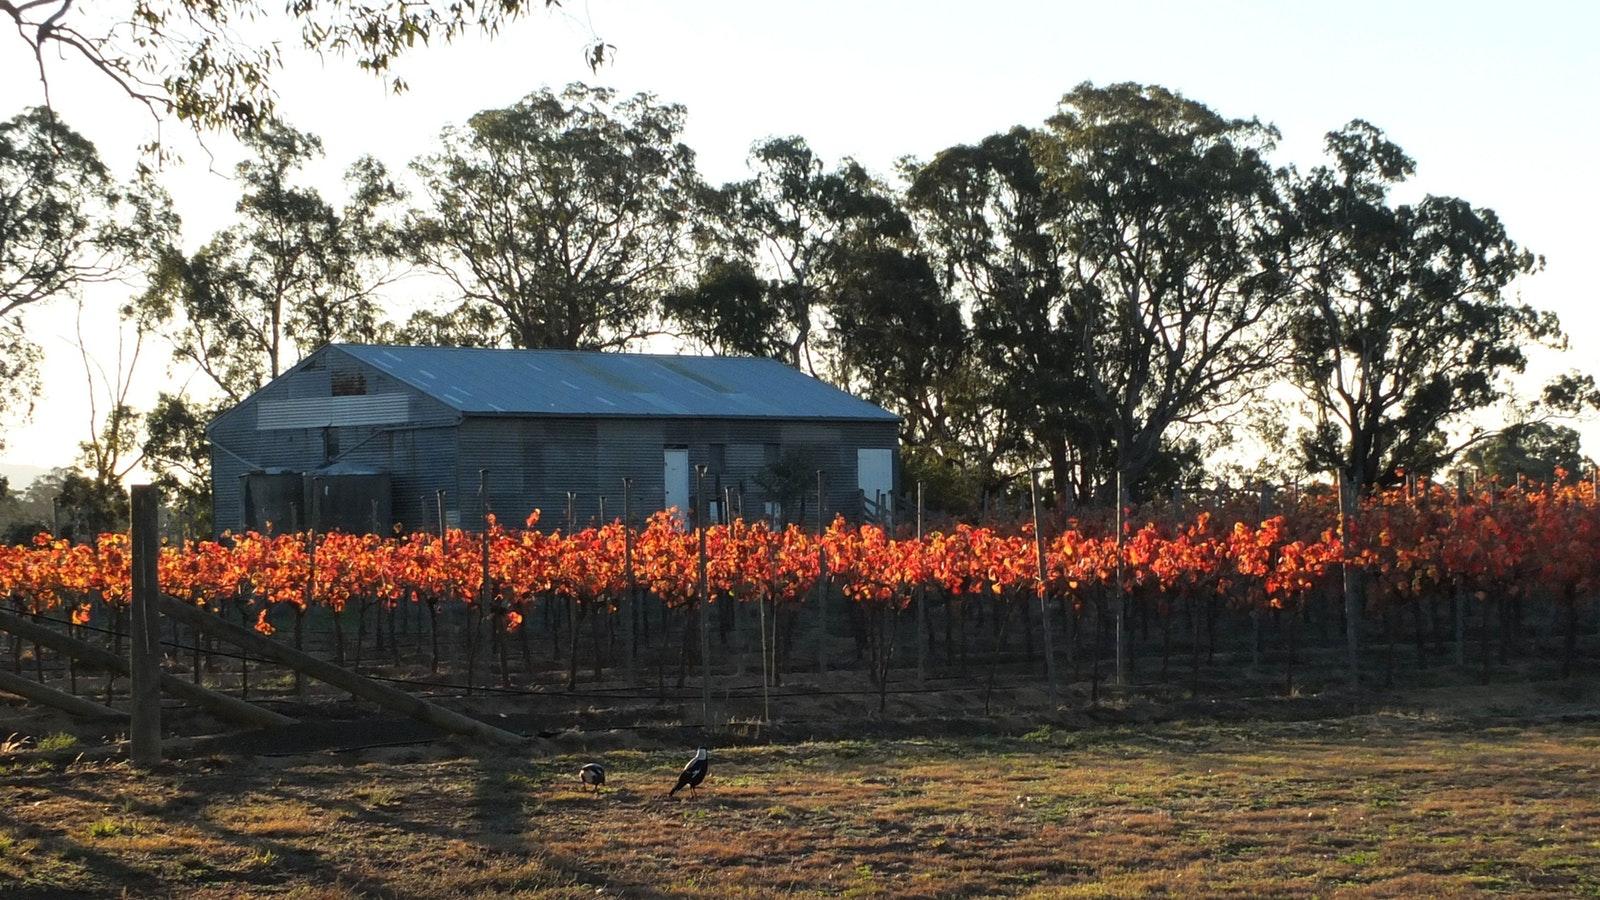 Mackereth's Hedon Farm